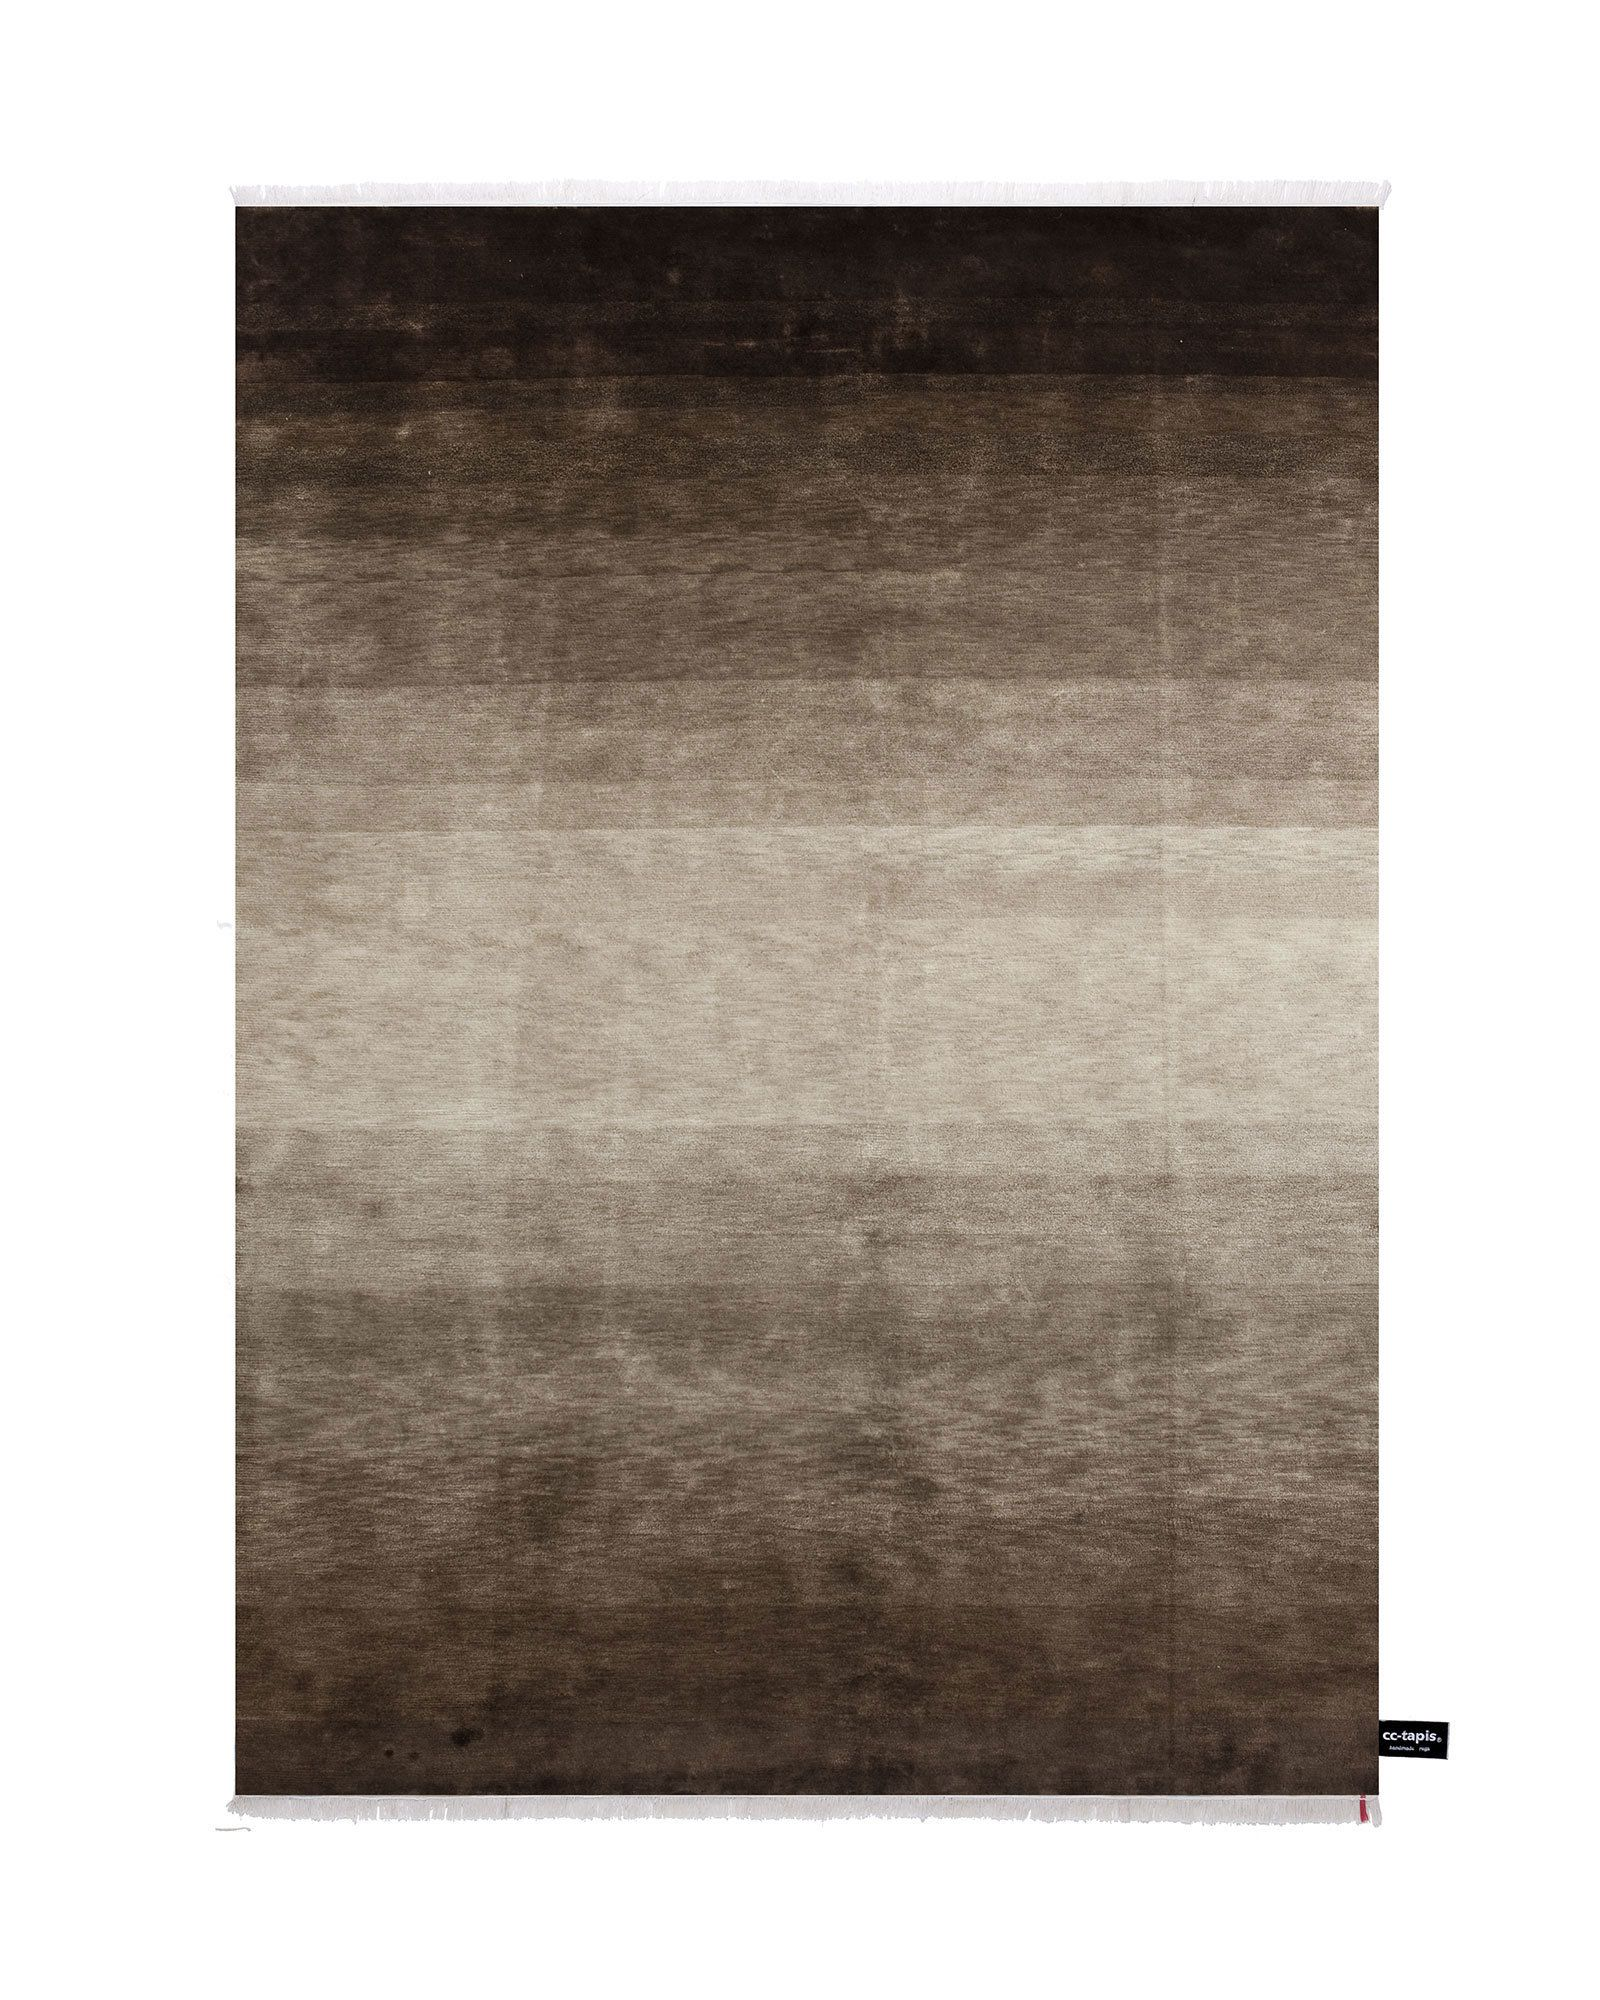 Tye N Dye Cc Tapis Dye Rugs On Carpet Tye